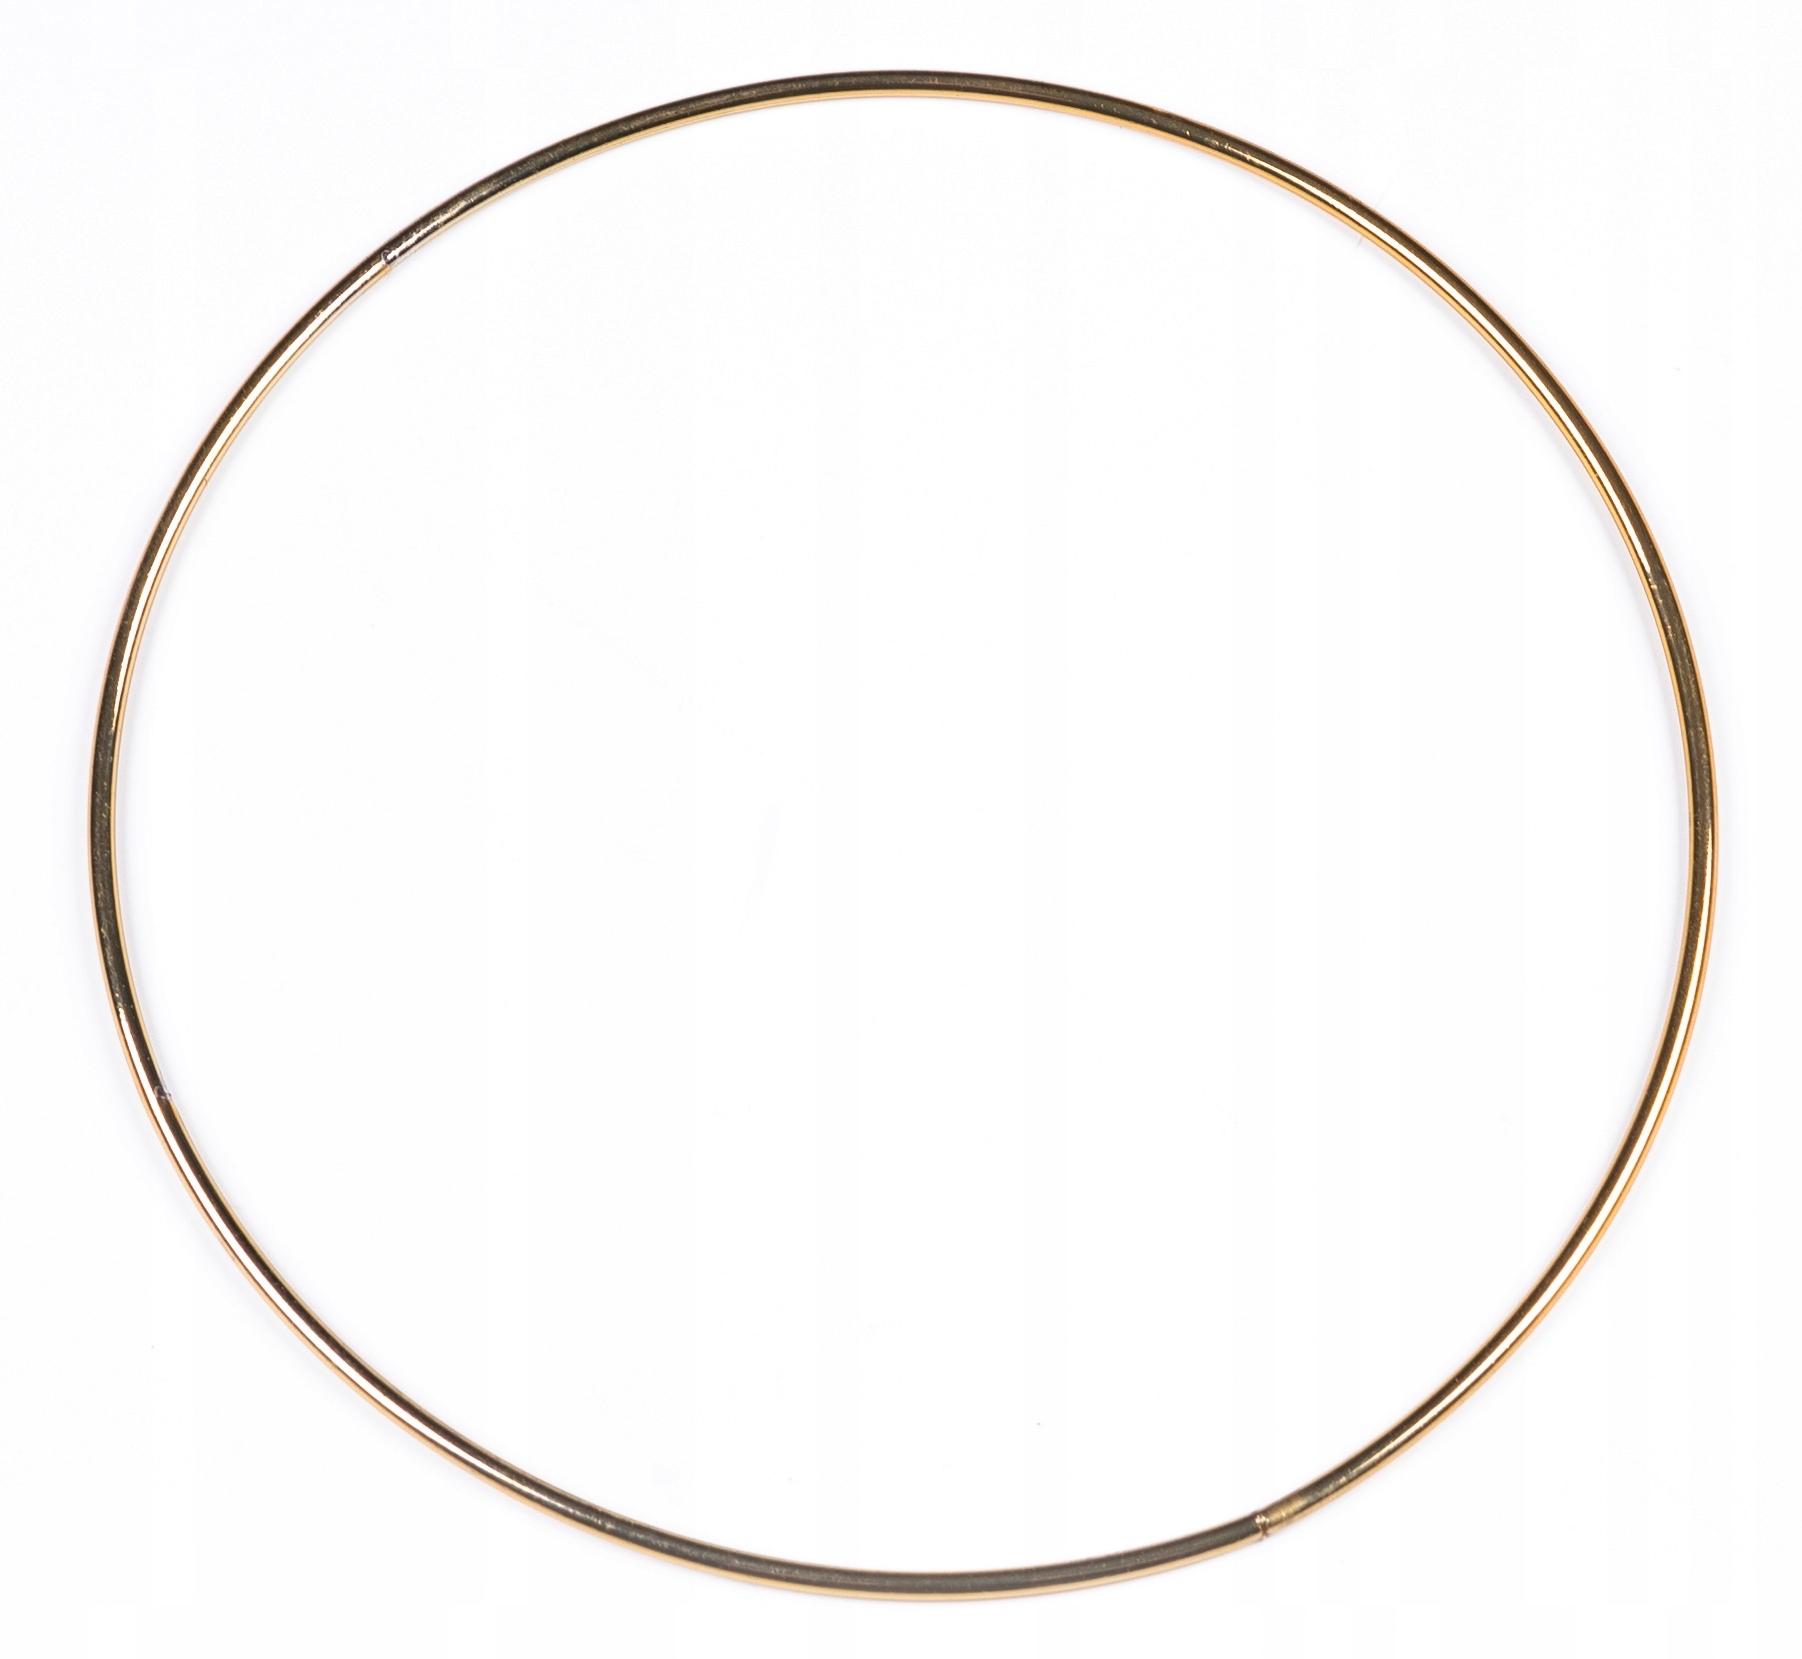 ZŁOTA metalowa obręcz kółko do łapaczy snów 30 cm